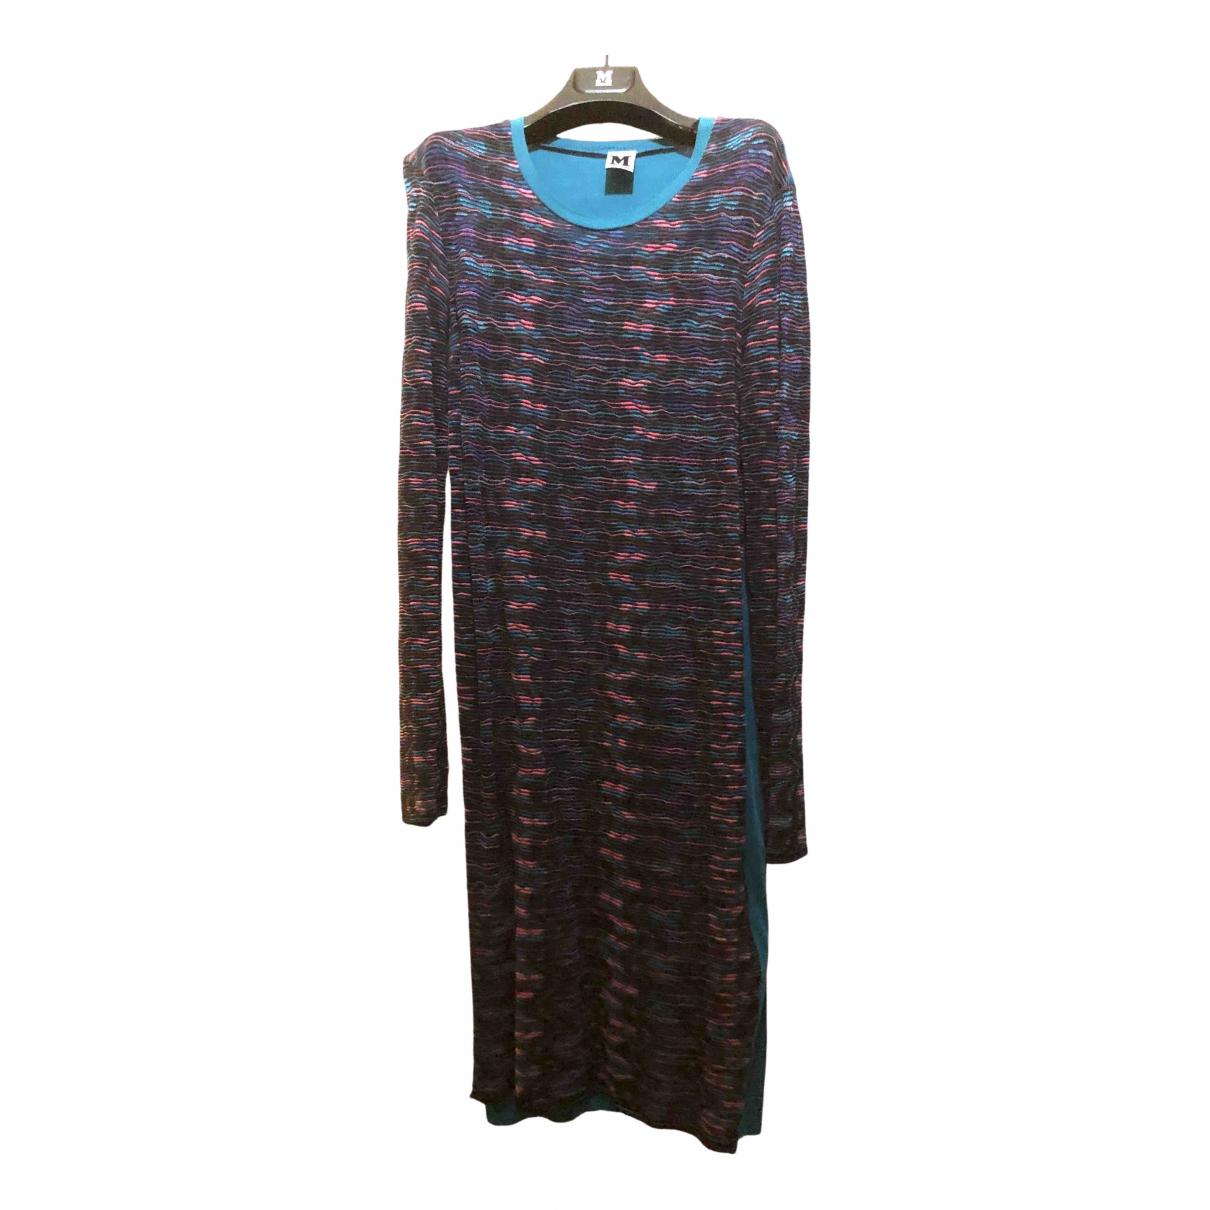 M Missoni - Robe   pour femme en laine - multicolore